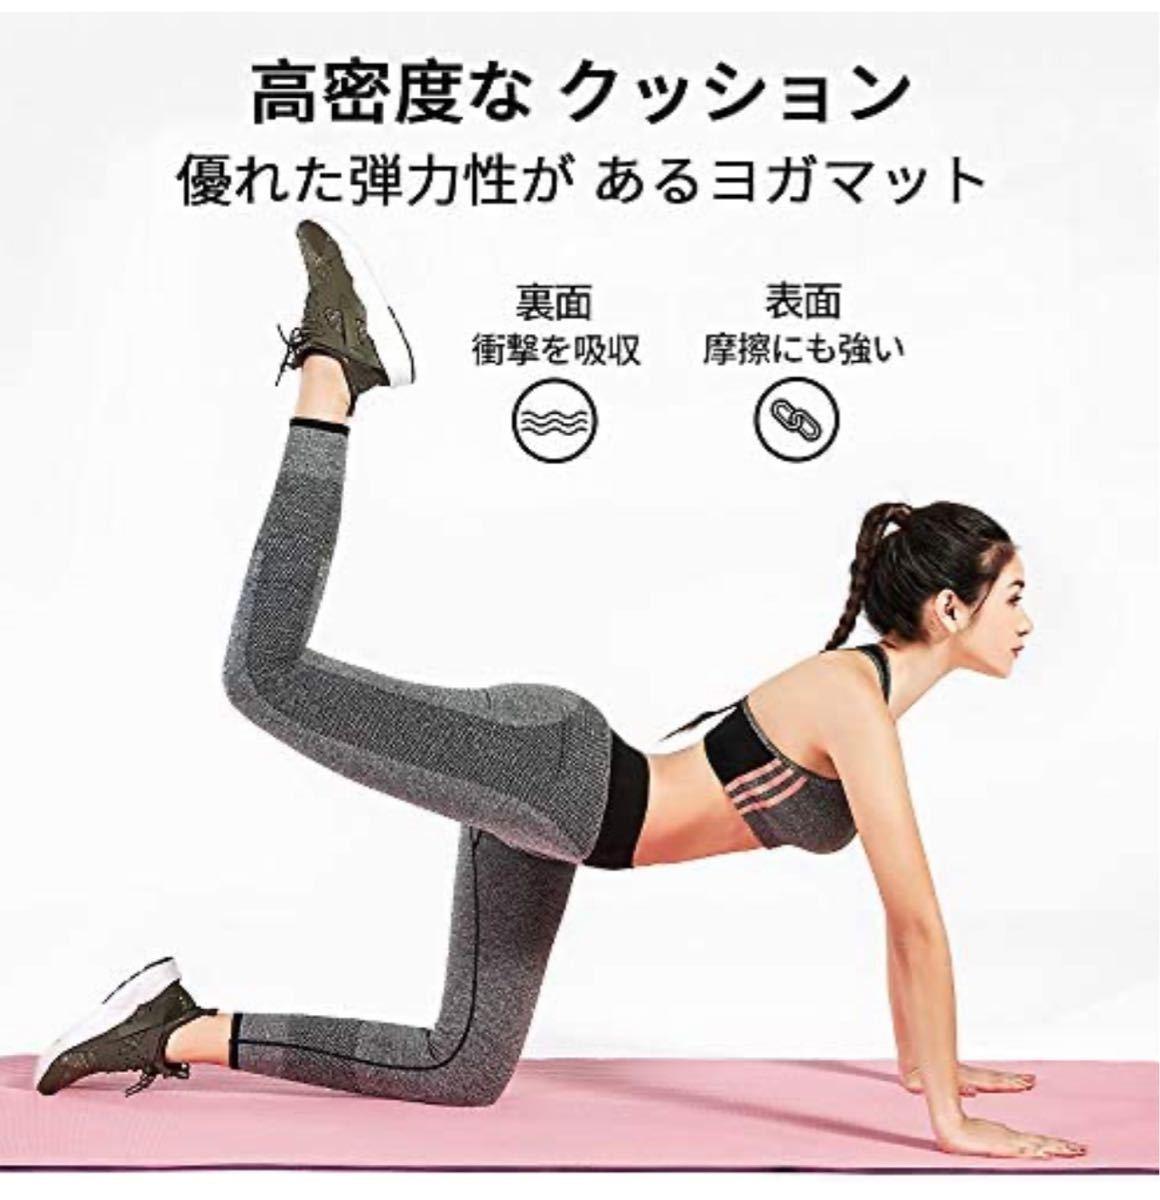 ヨガマット エクササイズマットTopmatトレーニングマット ダイエット器具 ホット腹筋 背筋 脚痩せ 骨盤矯正 初心者用